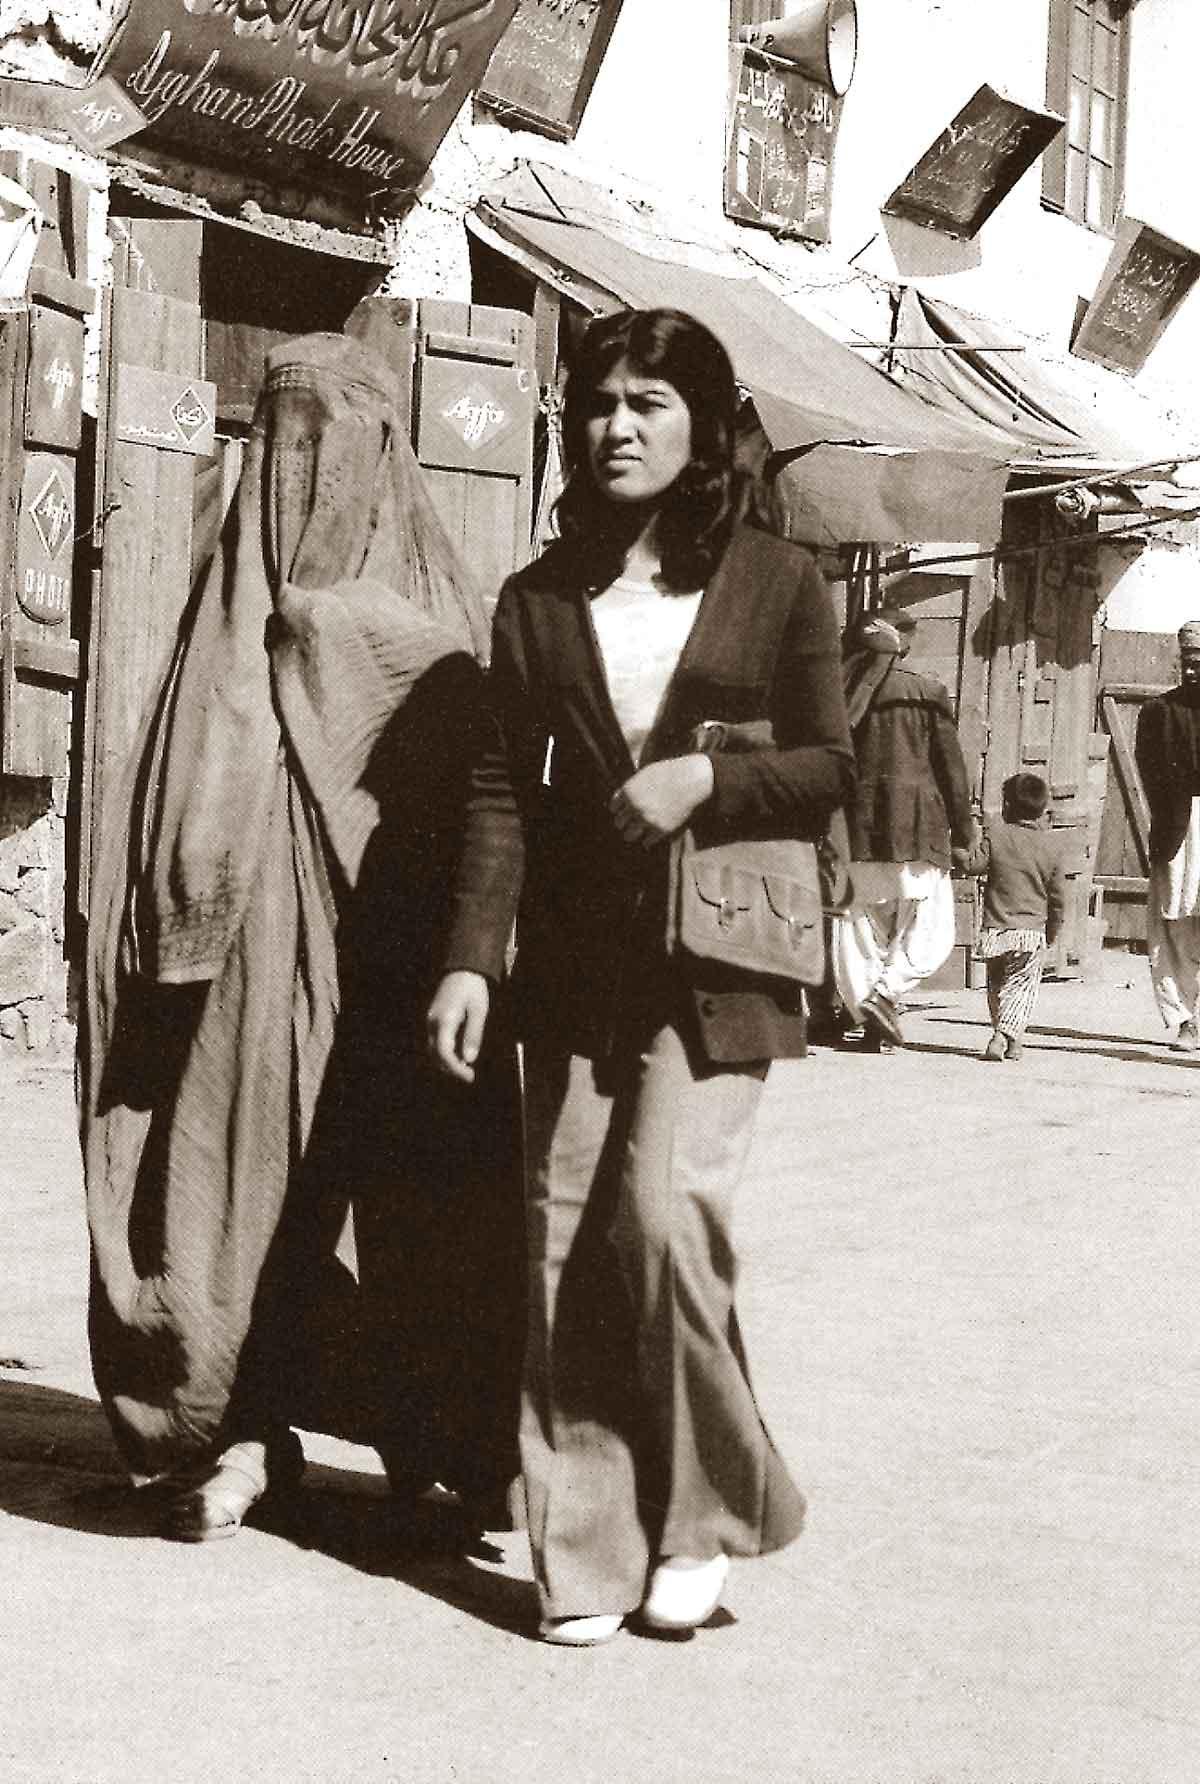 1970s-Afghan-student---Moesgaard-archives